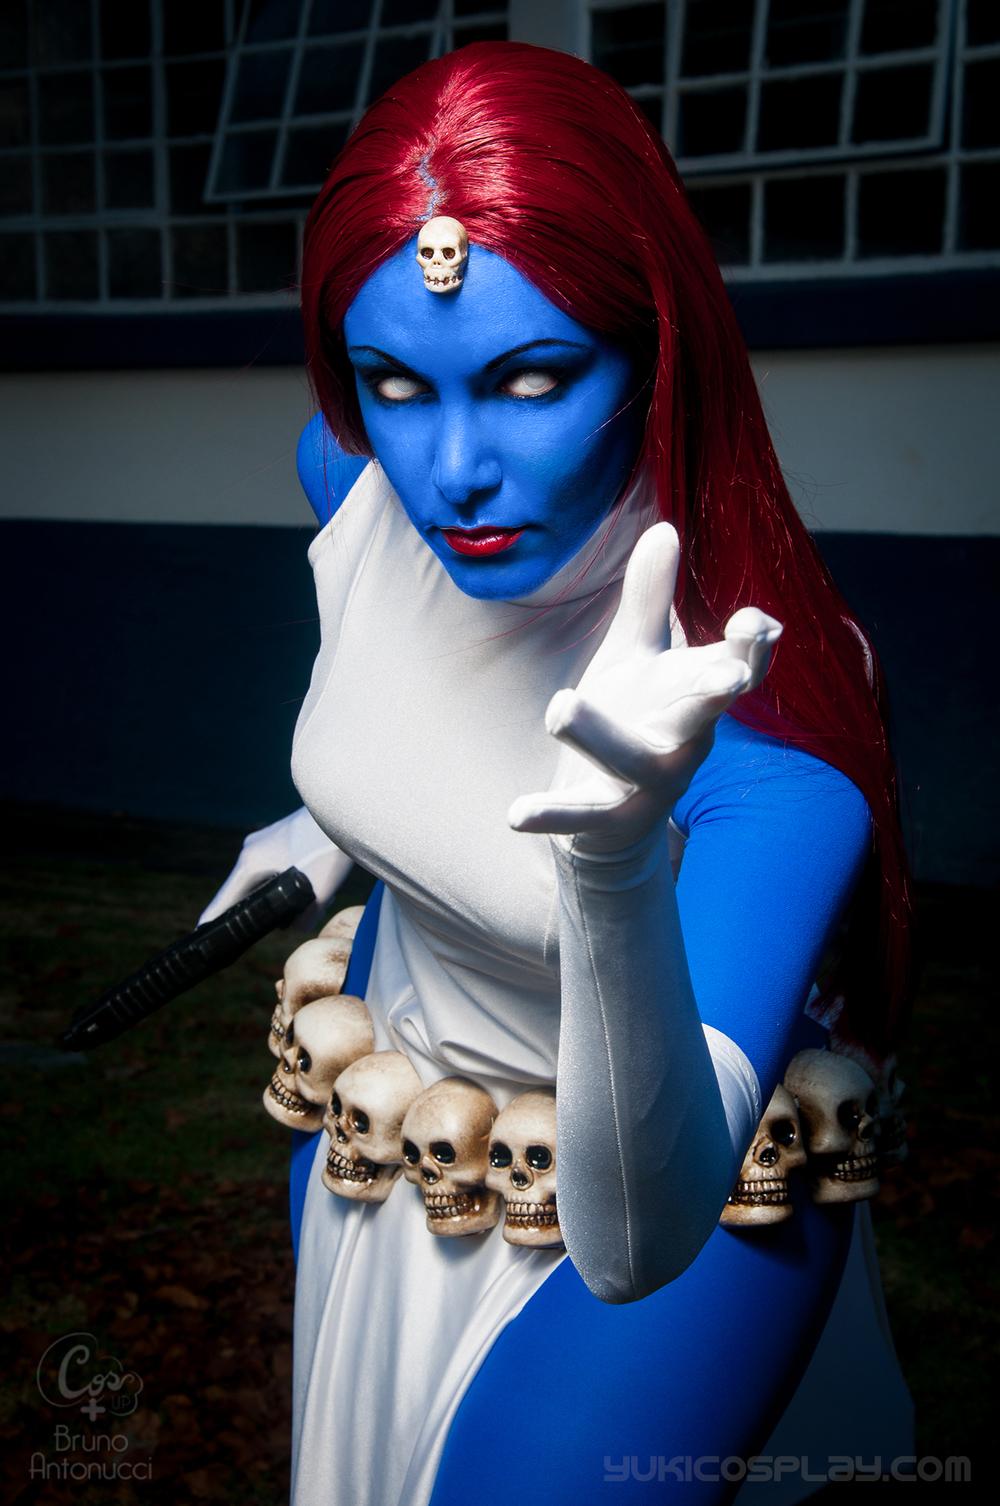 mystique_cosplay_by_yukilefay-d6fmbe6.jpg